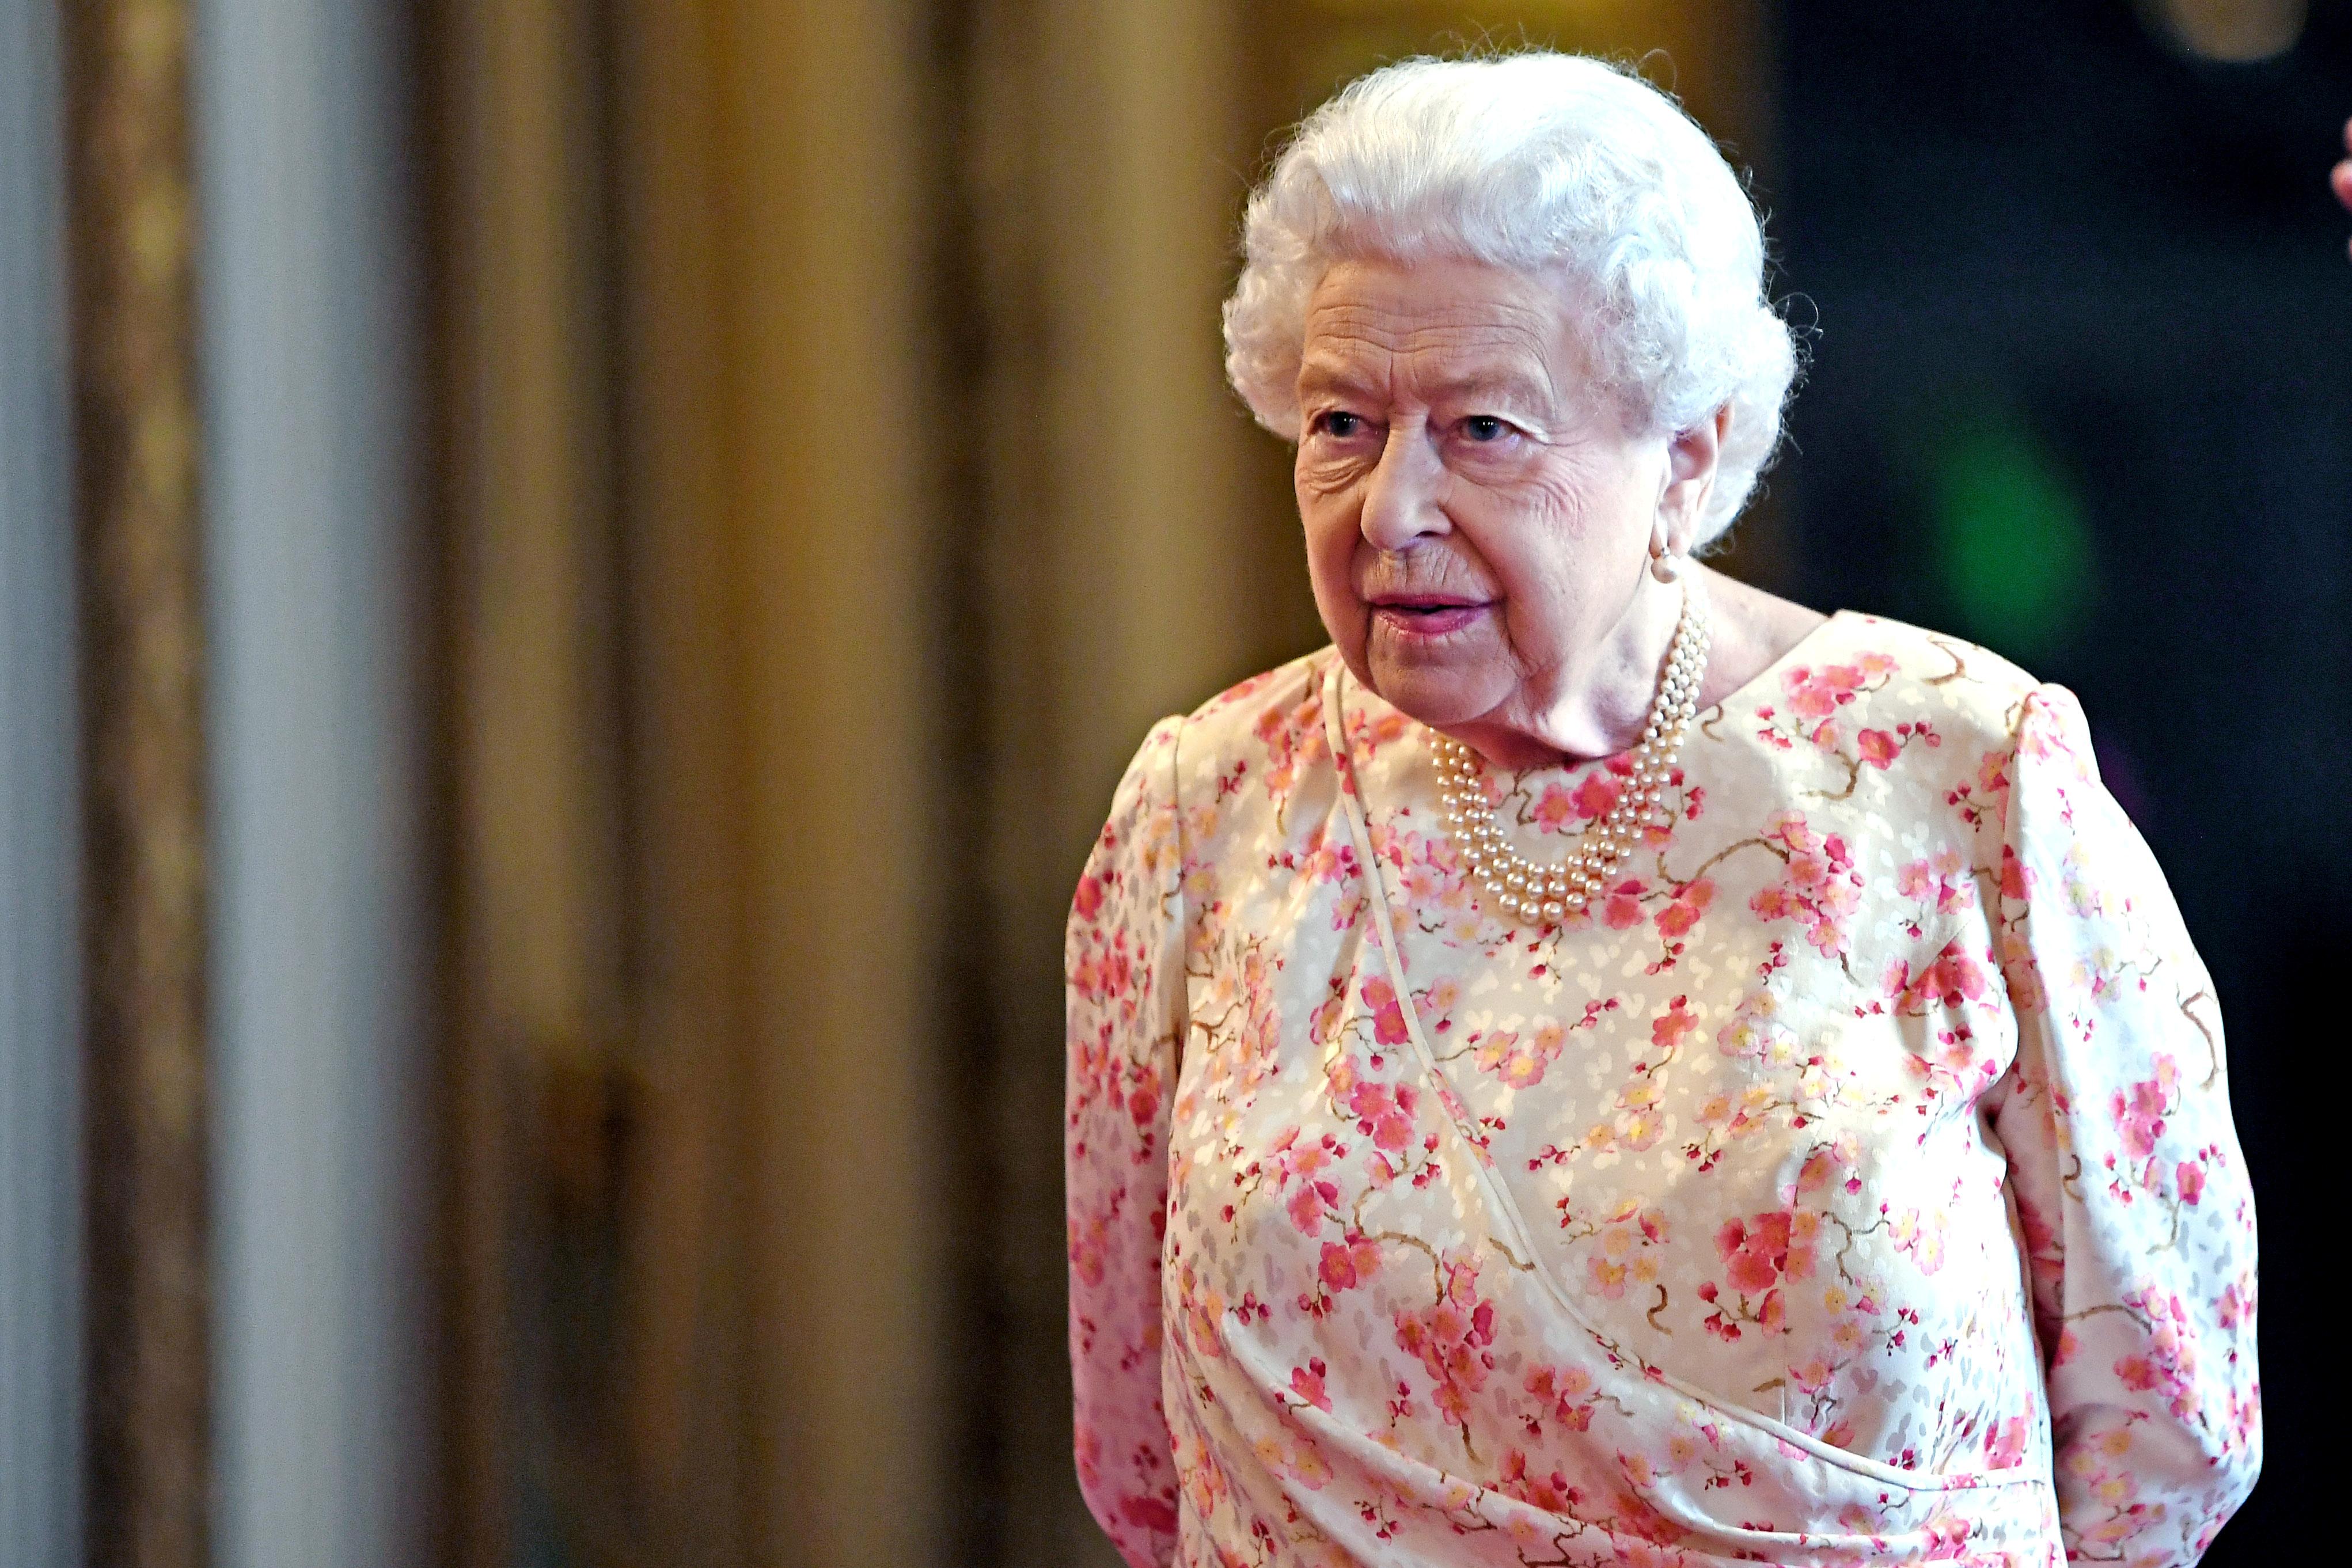 Βασίλισσα Ελισάβετ: Αποκαλύφθηκε τι θα γίνει μόλις πεθάνει – «Η Γέφυρα του Λονδίνου έπεσε»